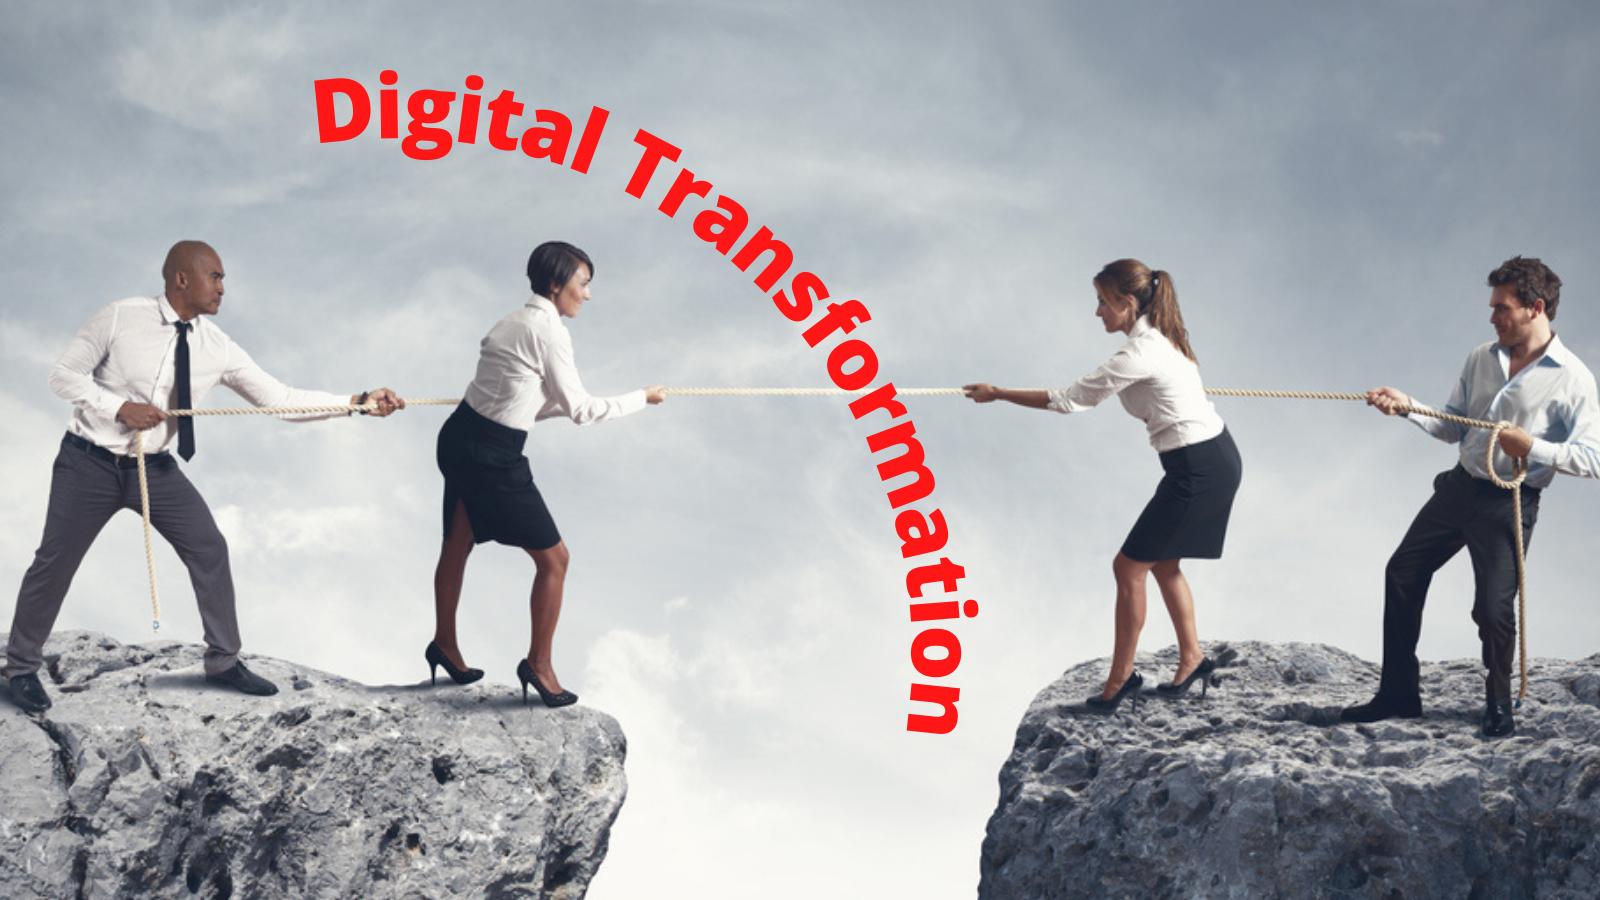 Silos Kill Digital Transformation - Isaac Sacolick